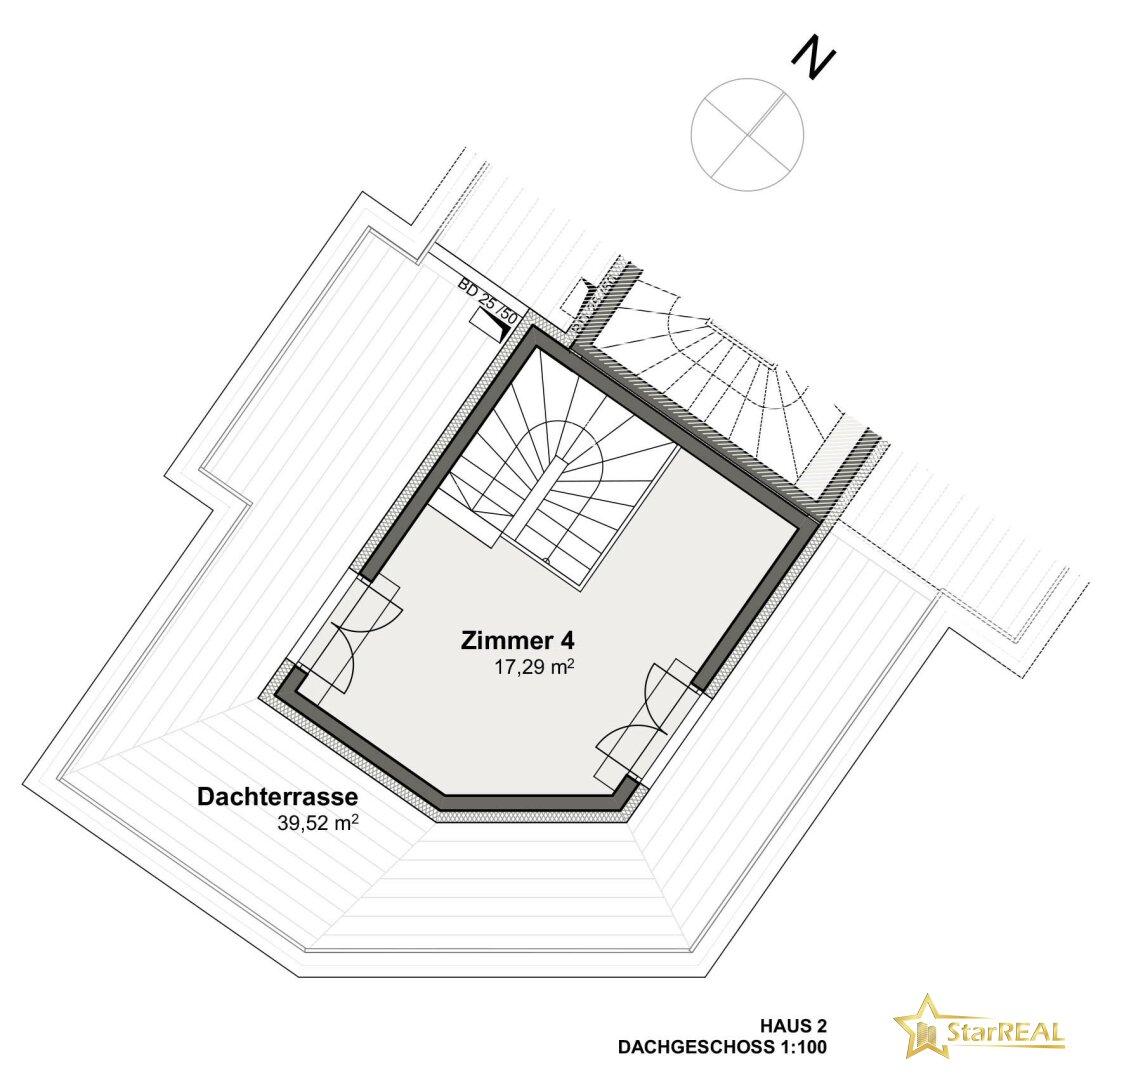 DACHGESCHOSS HAUS 2